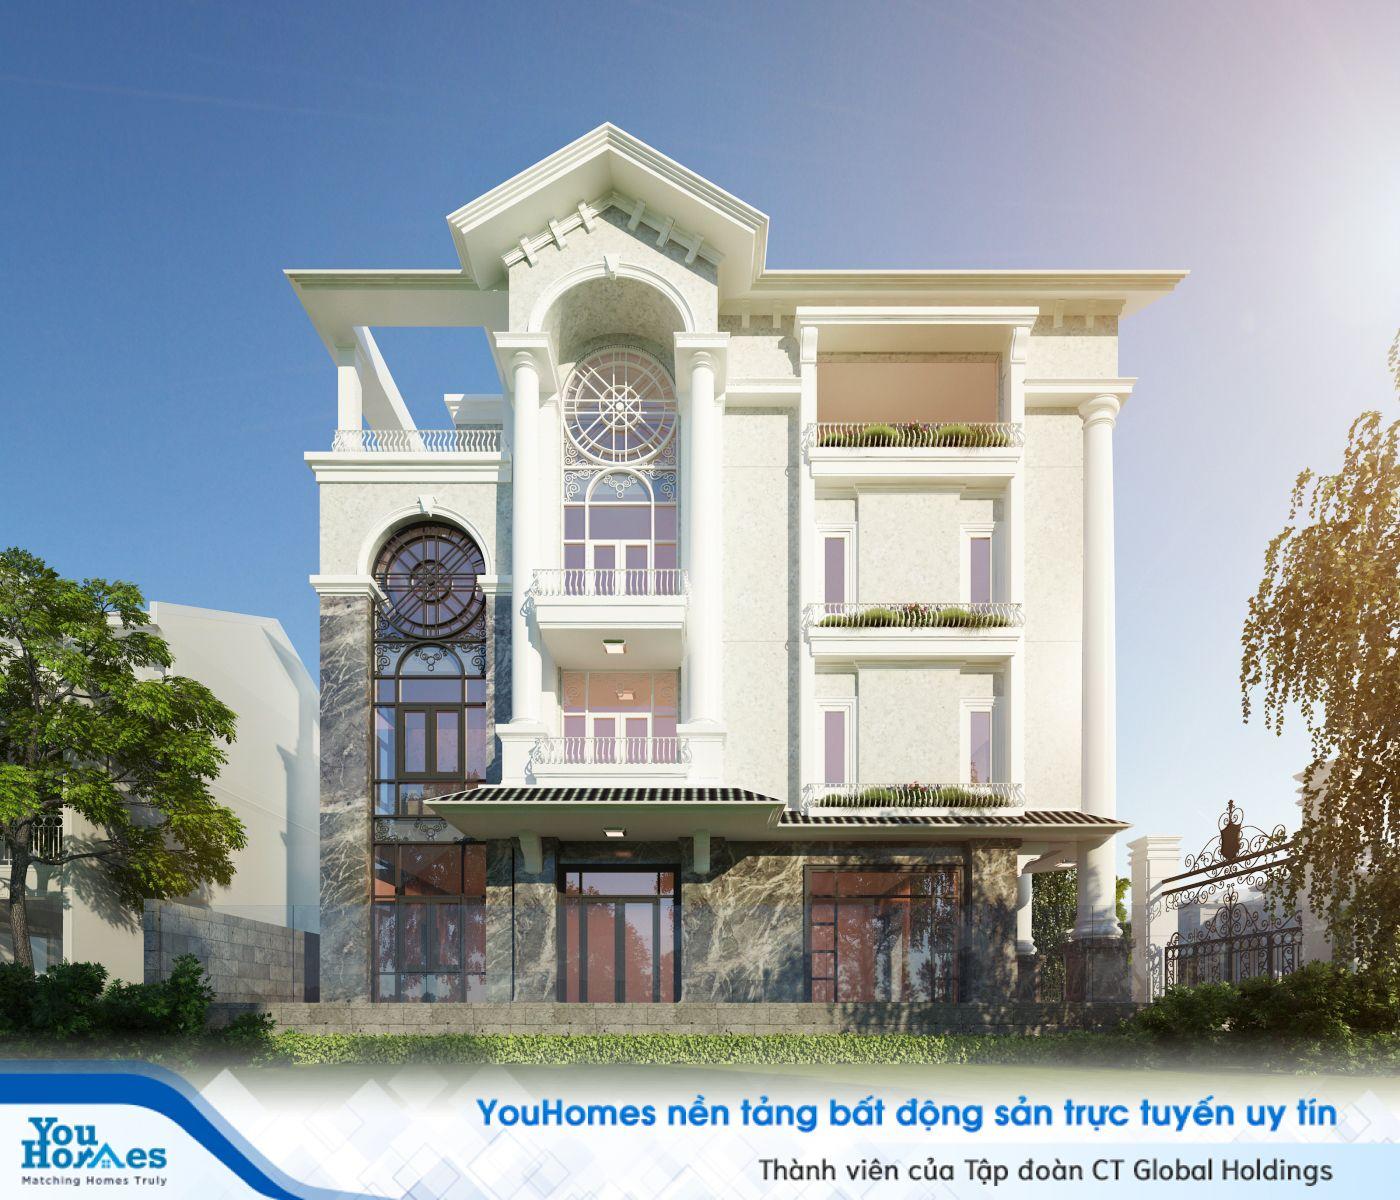 Biệt thự 3 tầng với thiết kế cửa sổ cổ điển và nổi bật...